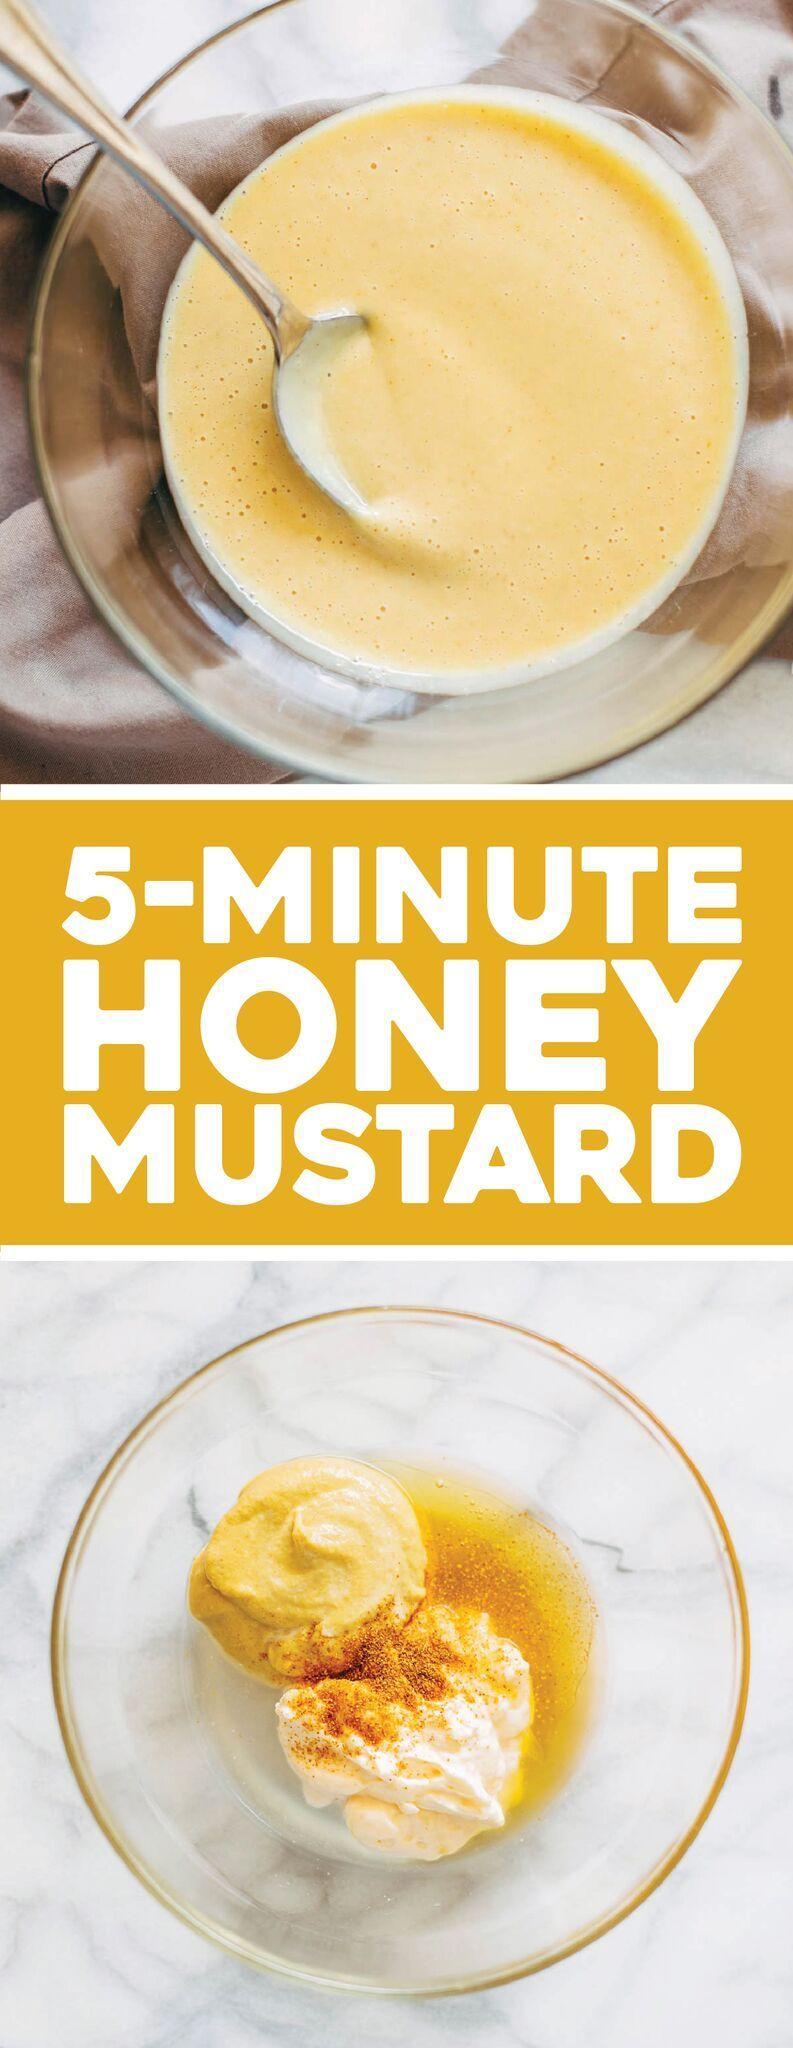 5 Minute Honey Mustard Sauce - Pinch of Yum